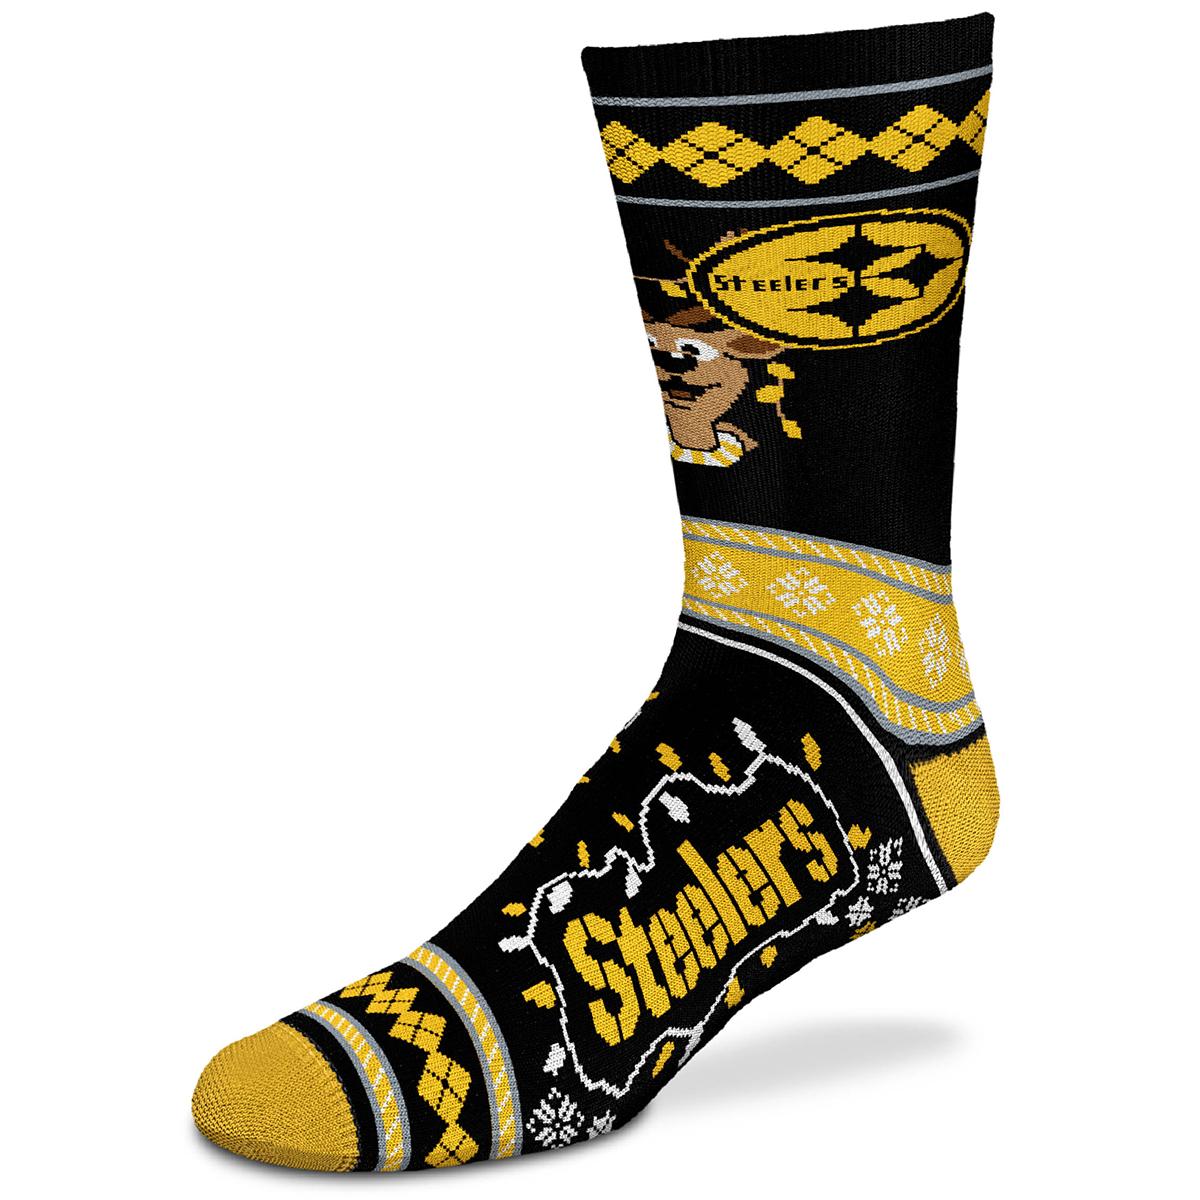 Pittsburgh Steelers Men's Sweater Stride Holiday Reindeer Socks - Various Patterns, L